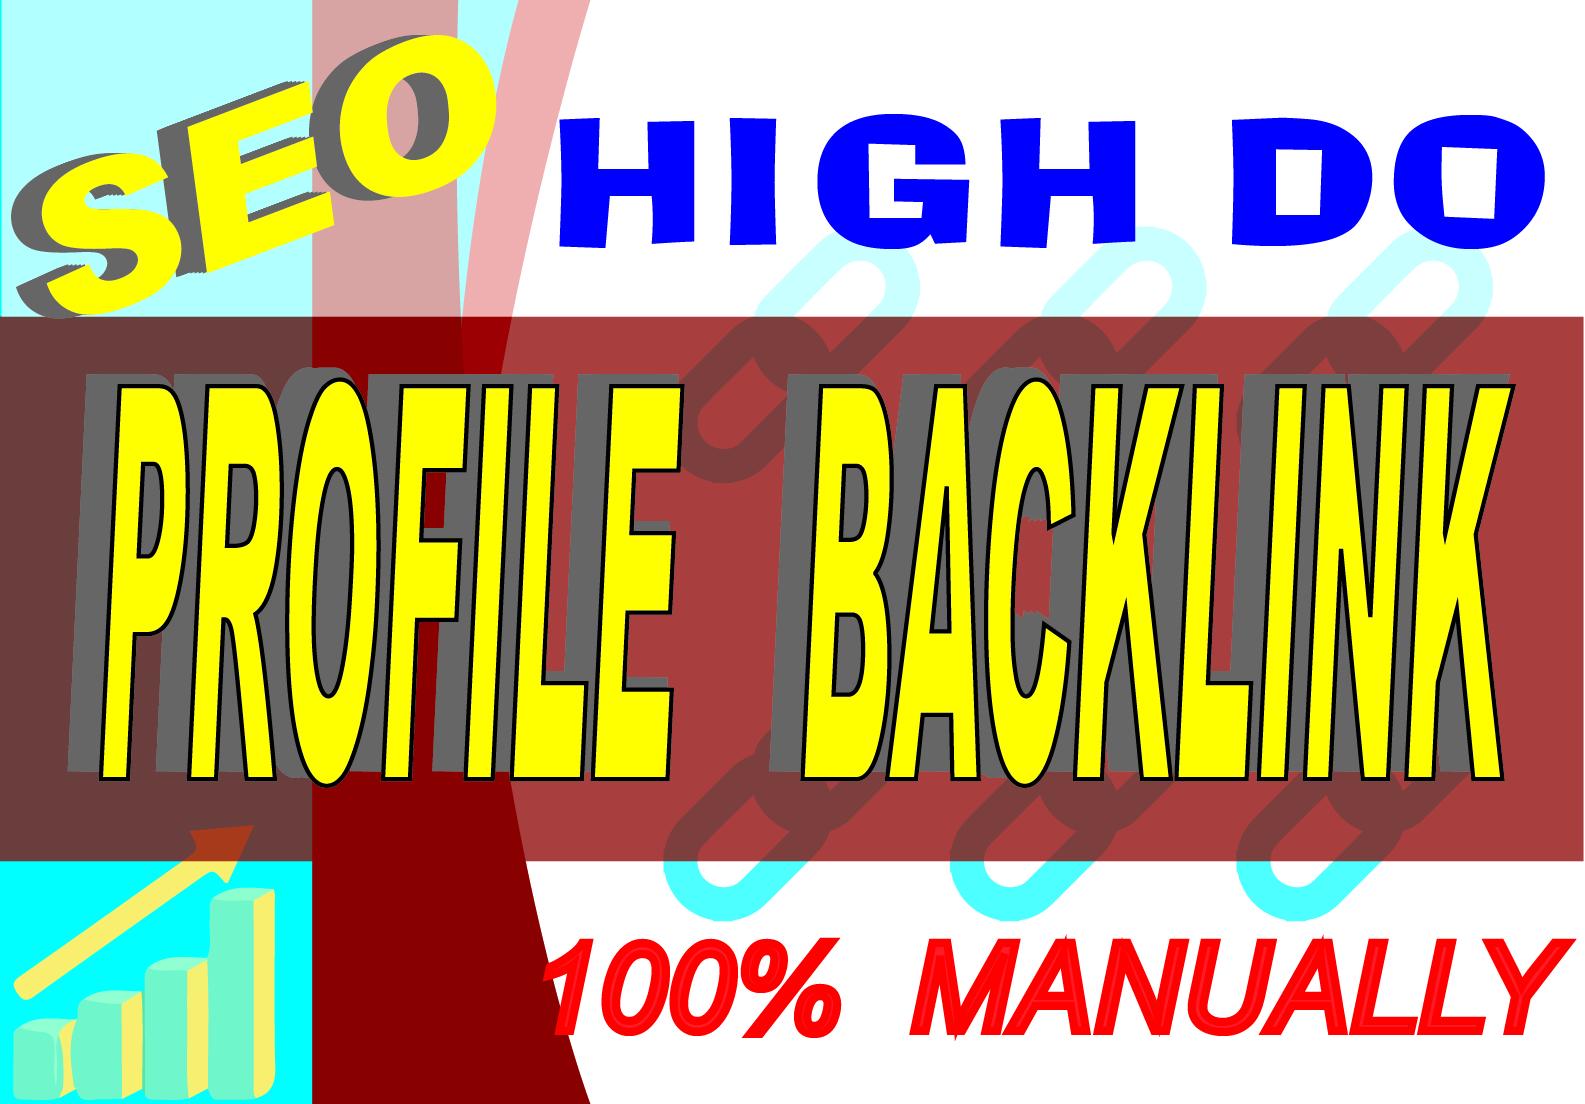 I will create 50 manually web 2.0 backlinks